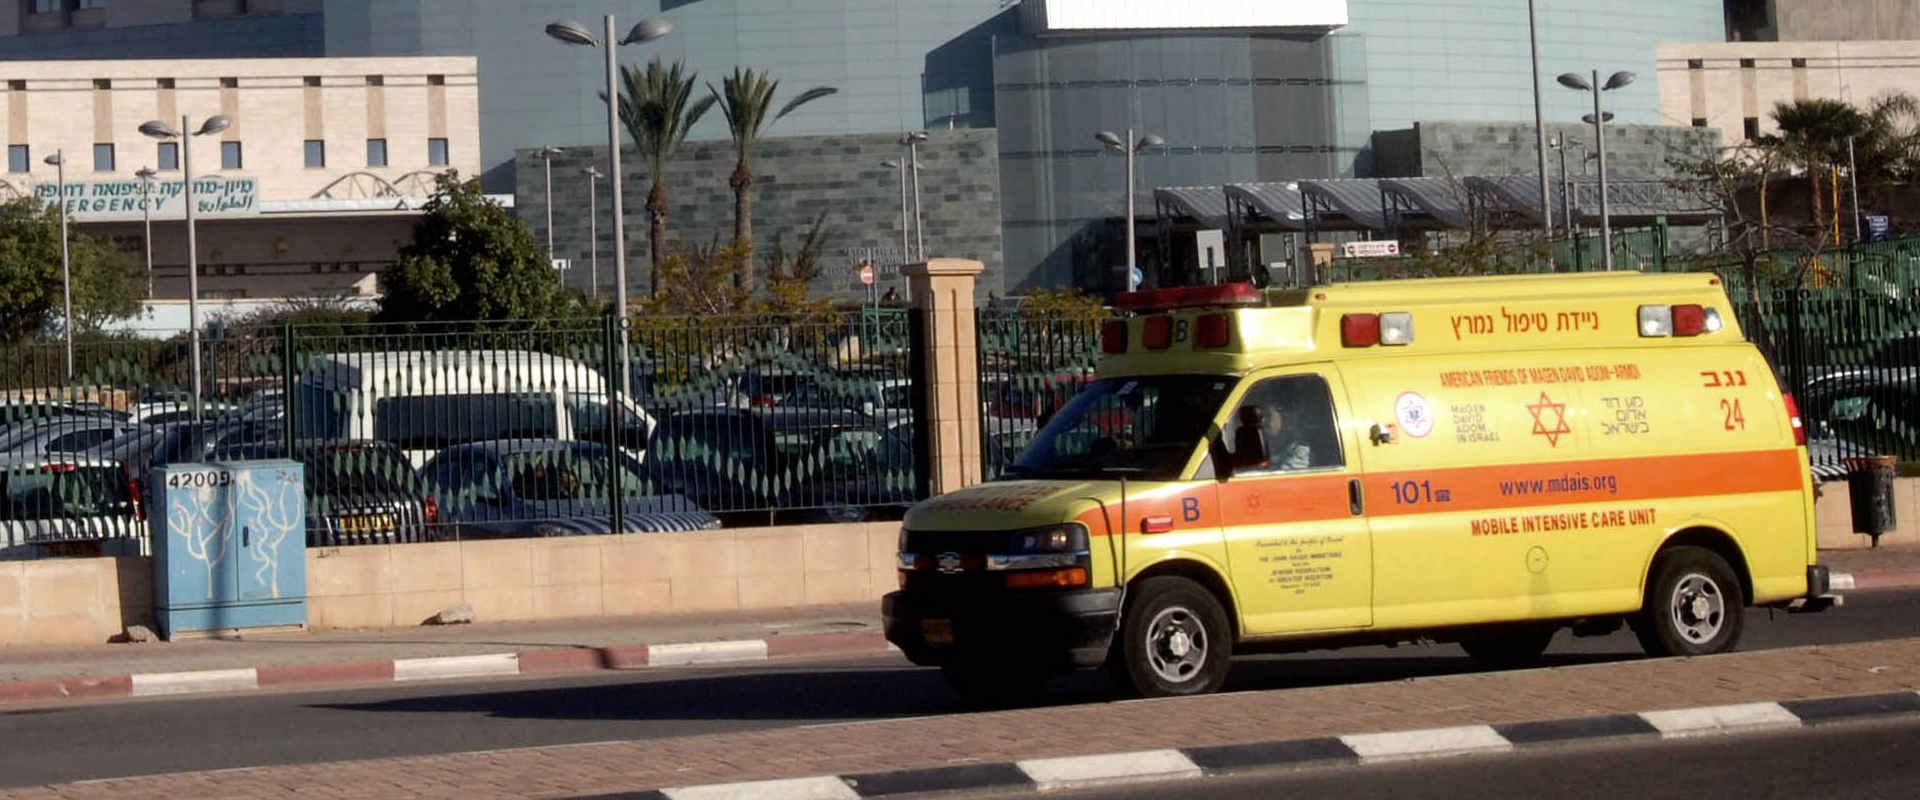 אמבולנס מחוץ לבית החולים סורוקה, ארכיון